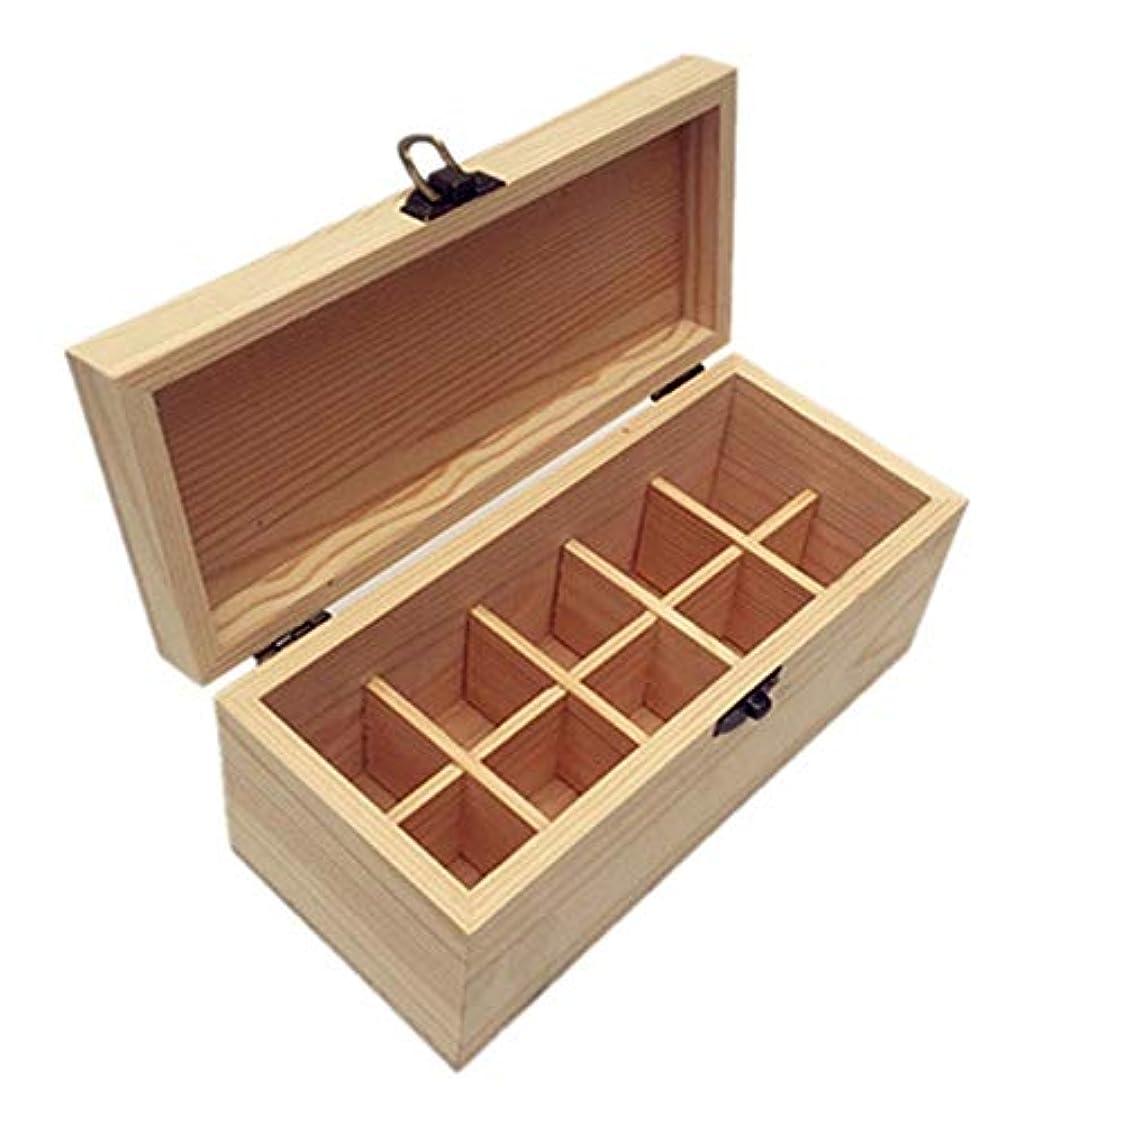 アロマセラピー油ボトル用10個のスロット木製のエッセンシャルオイルストレージボックスオーガナイザー アロマセラピー製品 (色 : Natural, サイズ : 21.2X9.5X9CM)